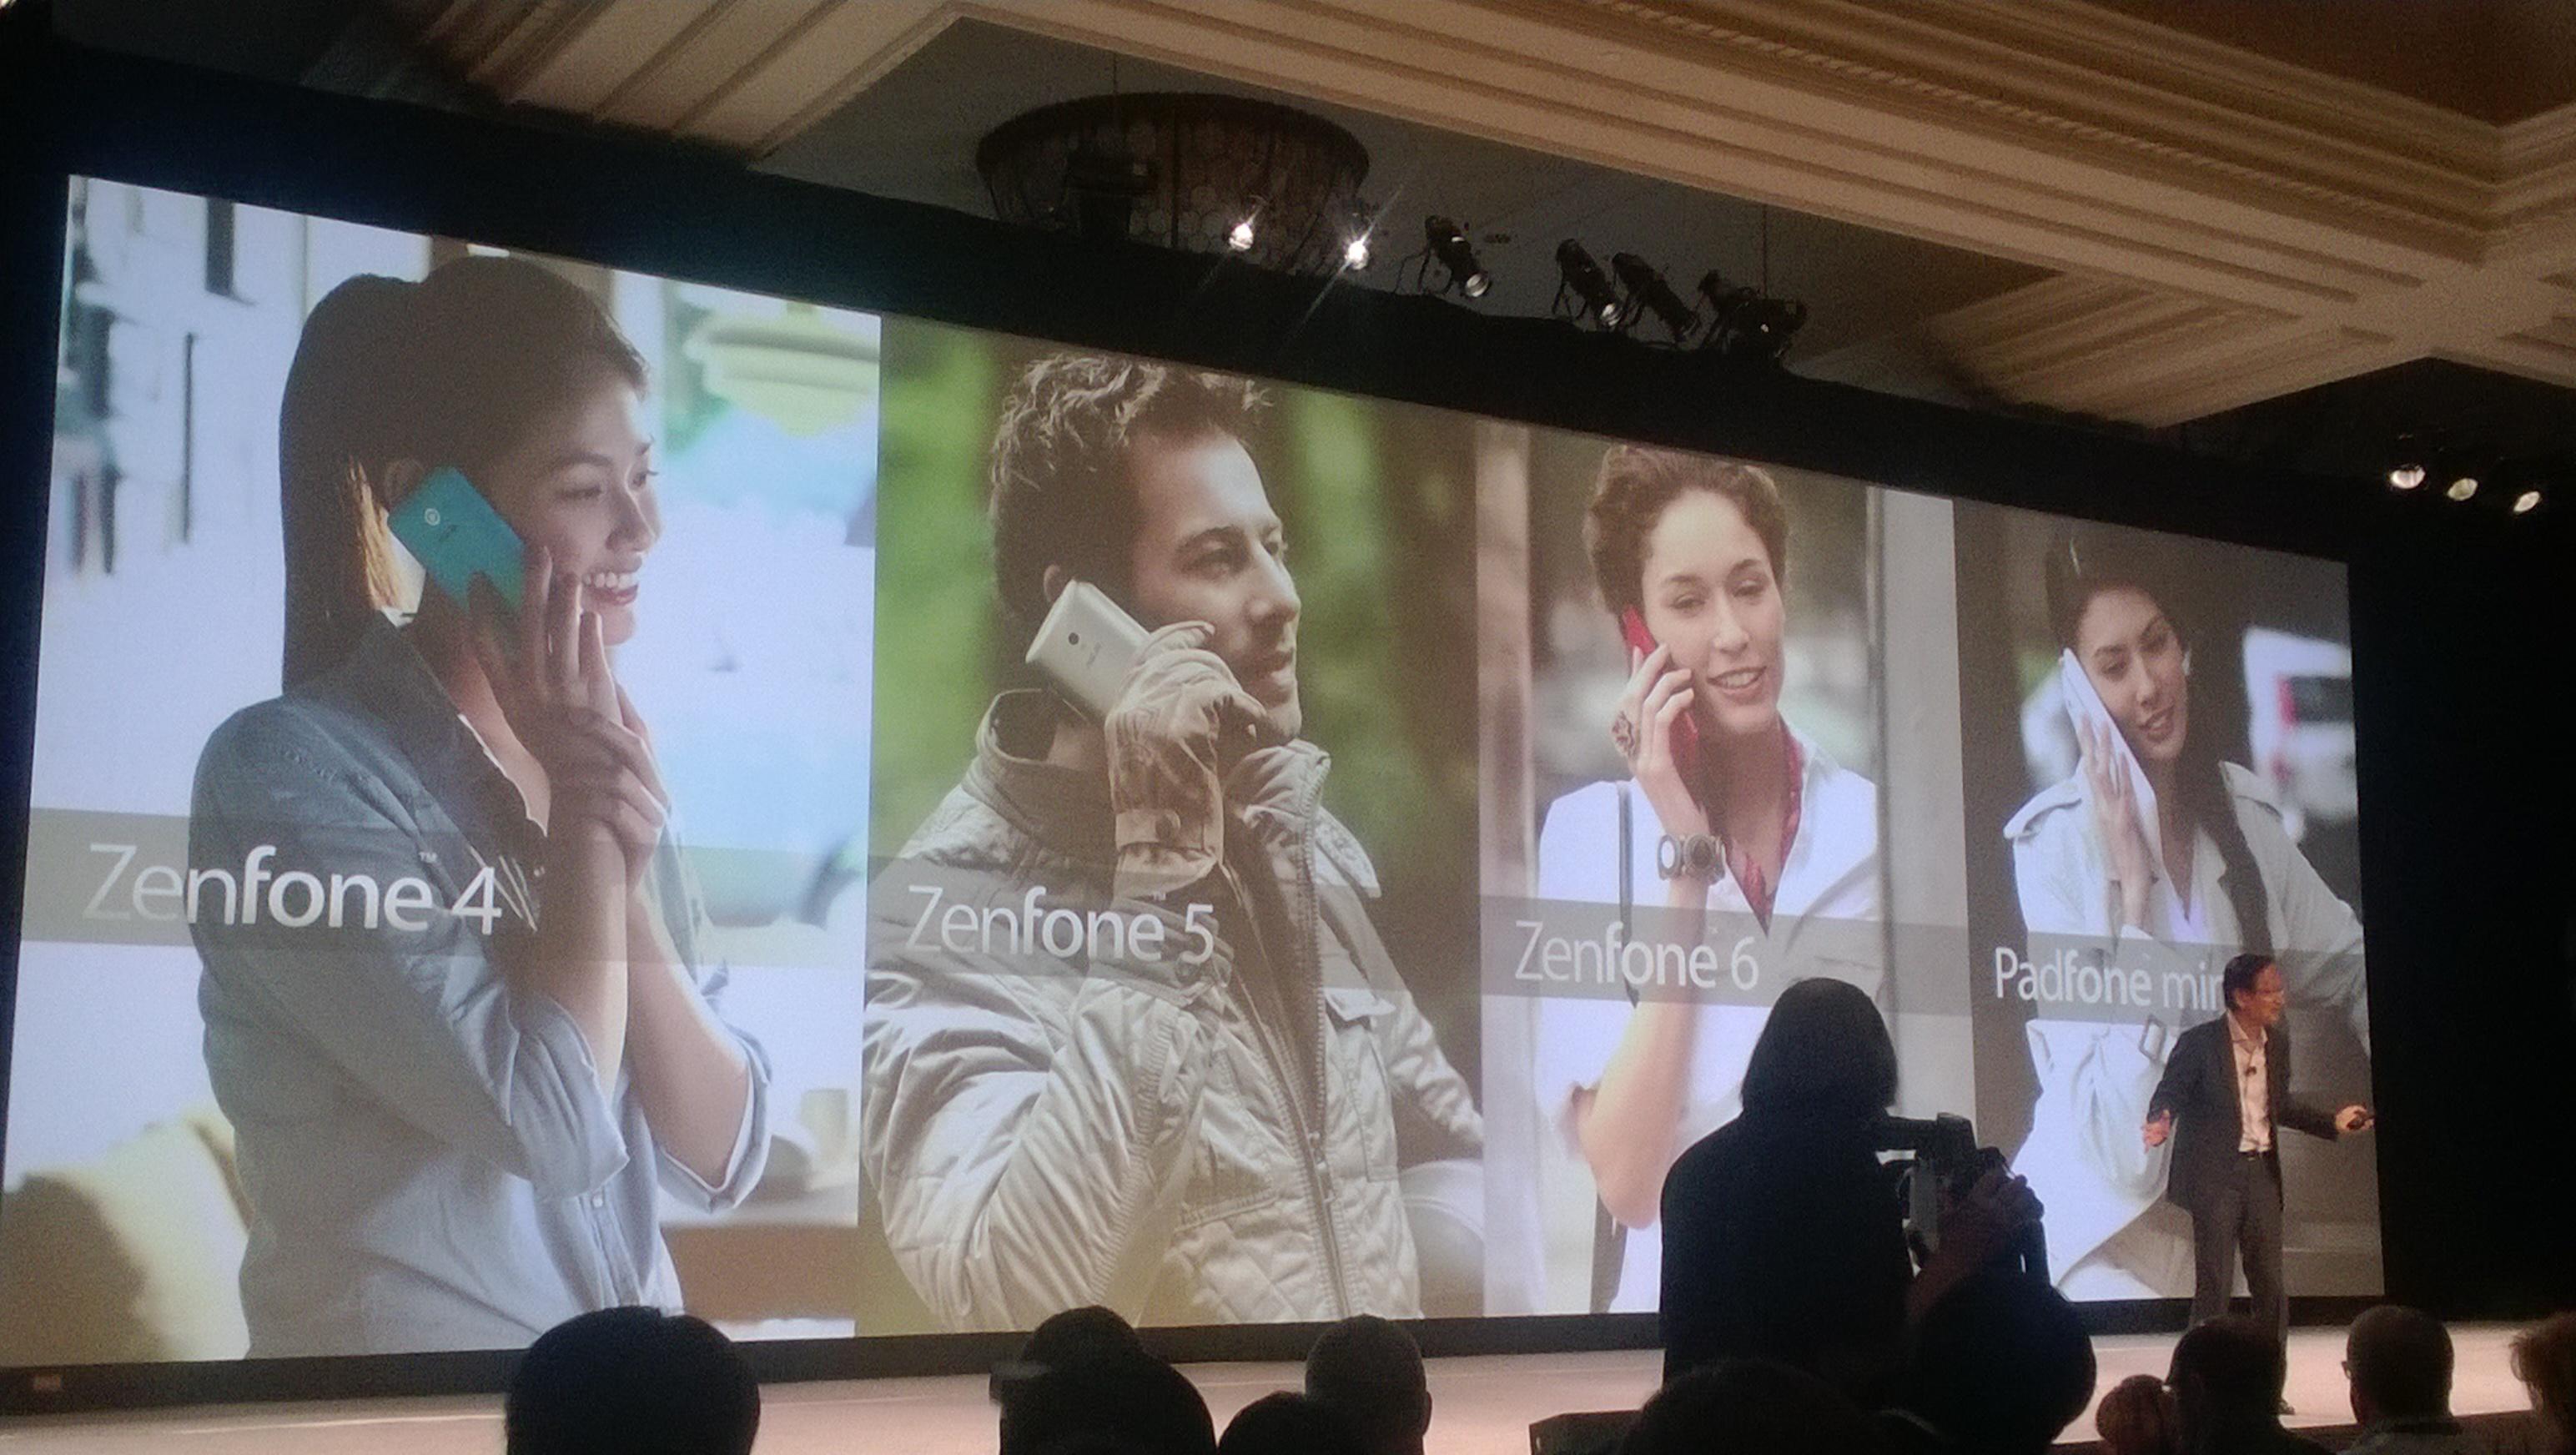 CES 2014: Sprawdziliśmy nowe, tanie smartfony Asusa z Intelem i hybrydę z dwoma systemami